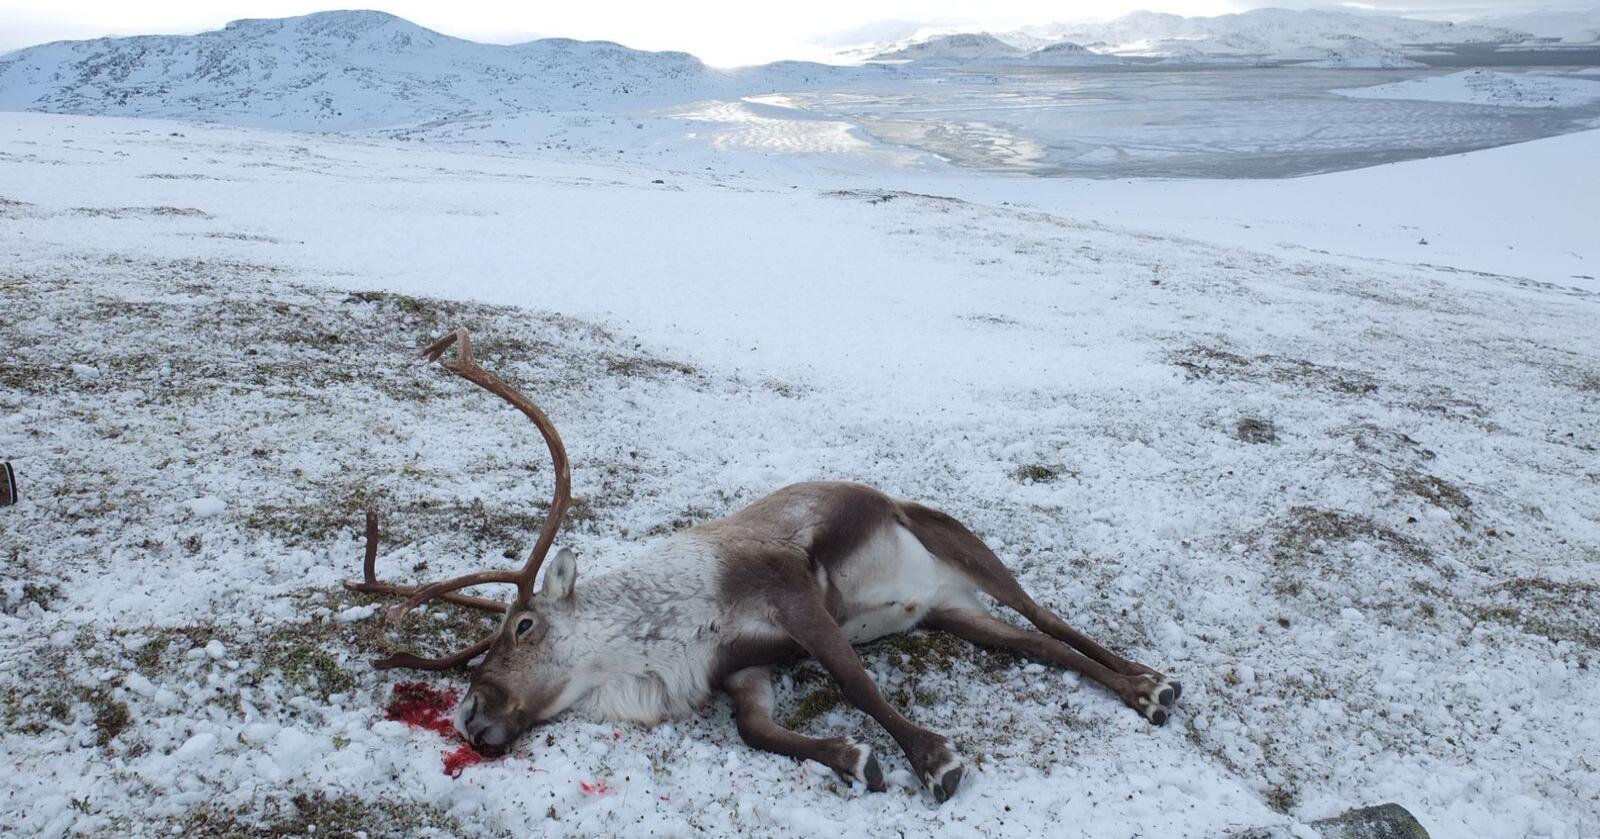 Testet: Siden starten i 2016 er over 100 000 hjortedyr testet for skrantesjuke. (Foto: Petter Braaten, SNO/Miljødirektoratet)